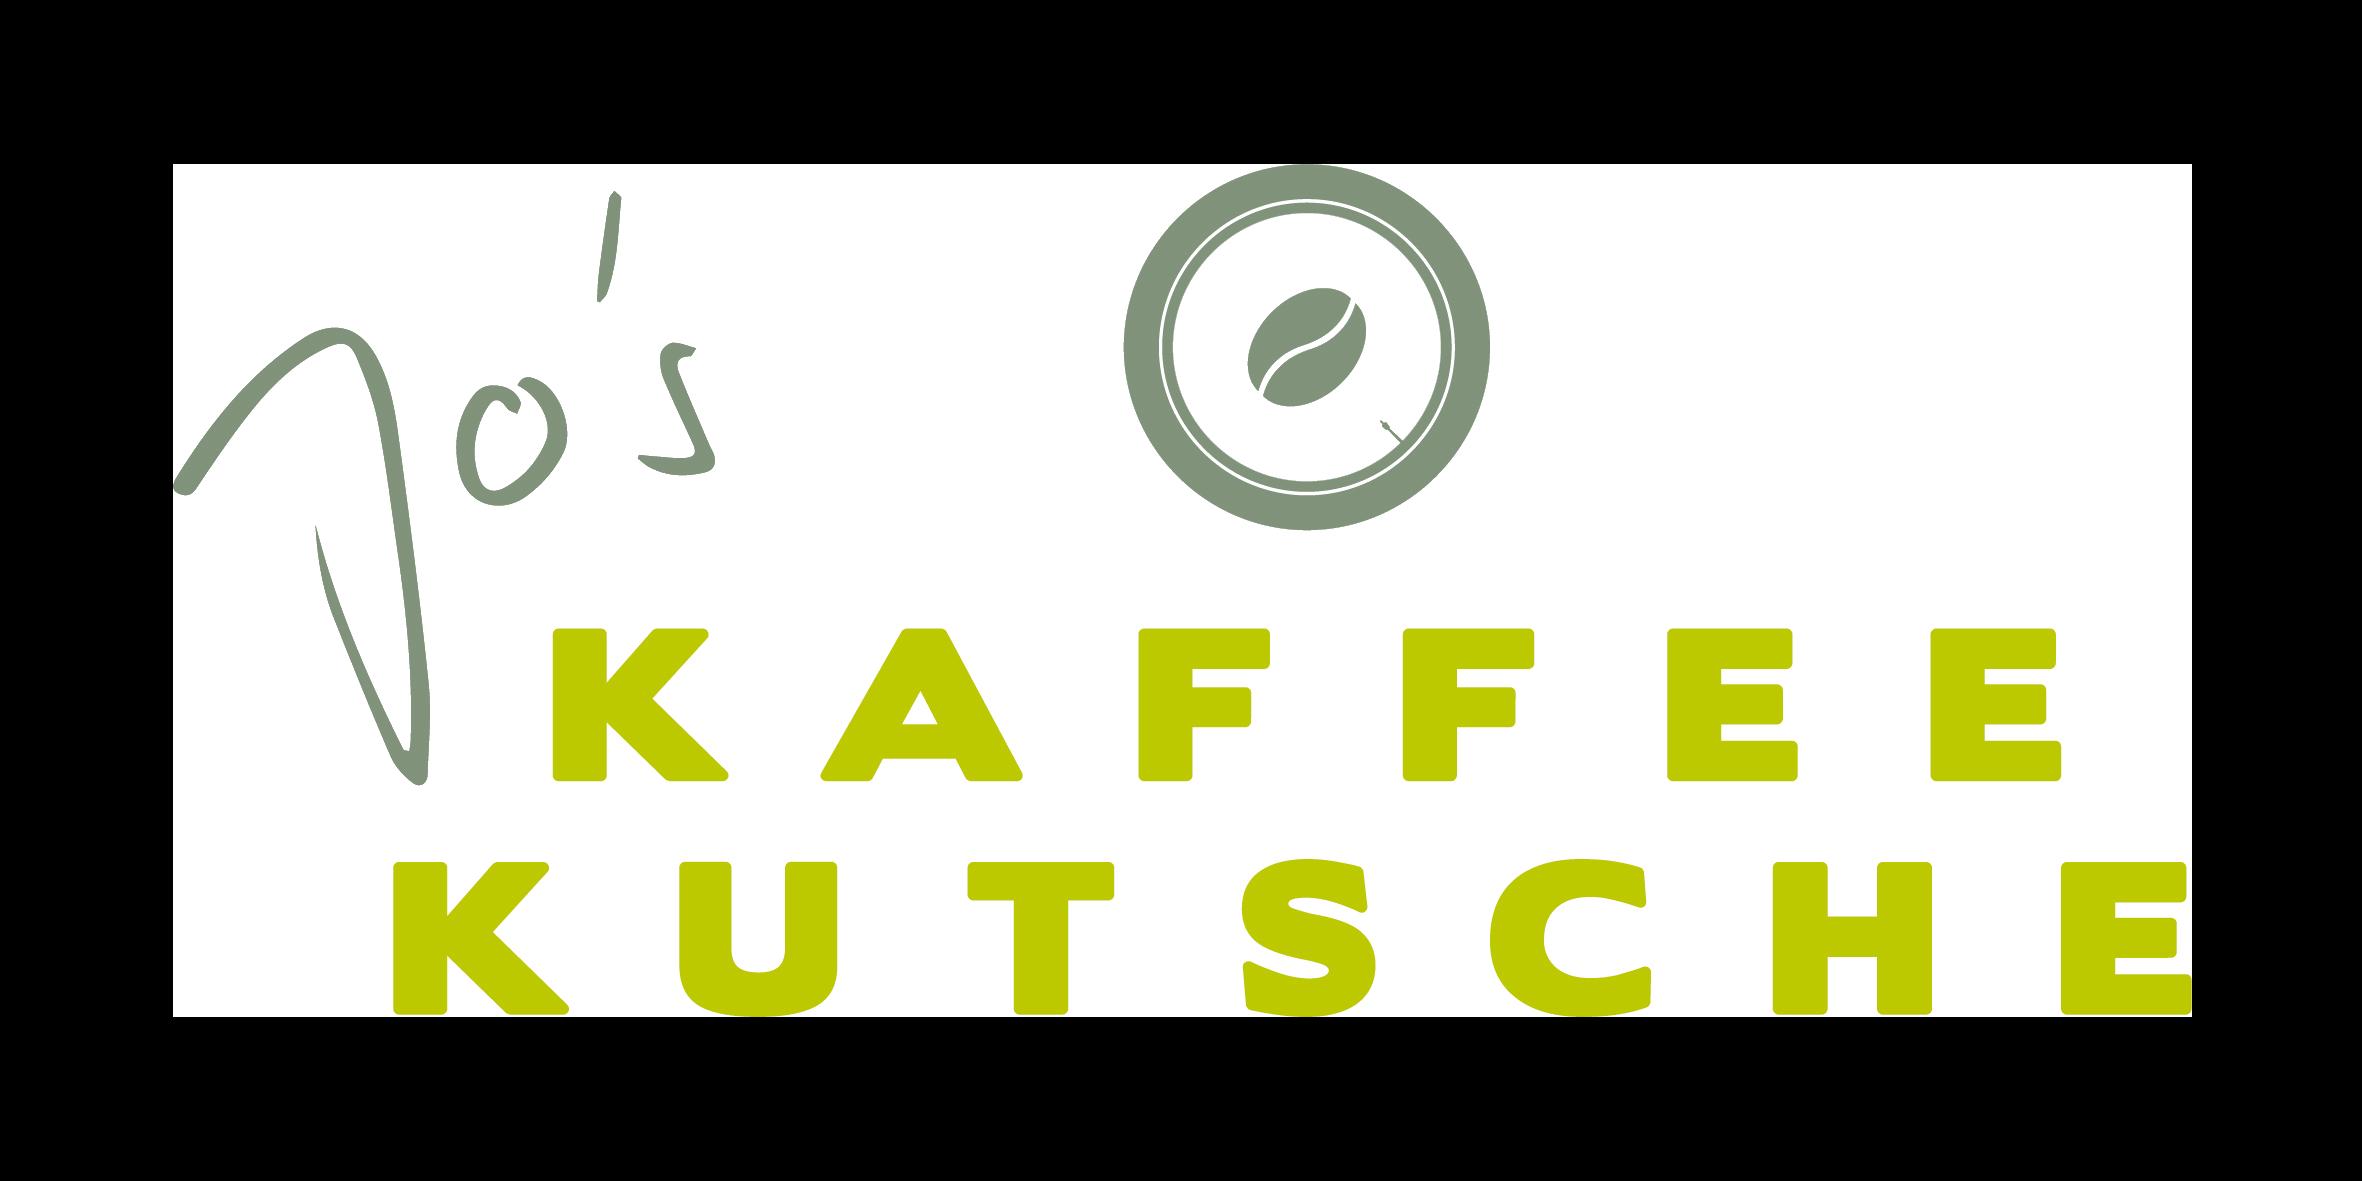 Kaffeekutsche